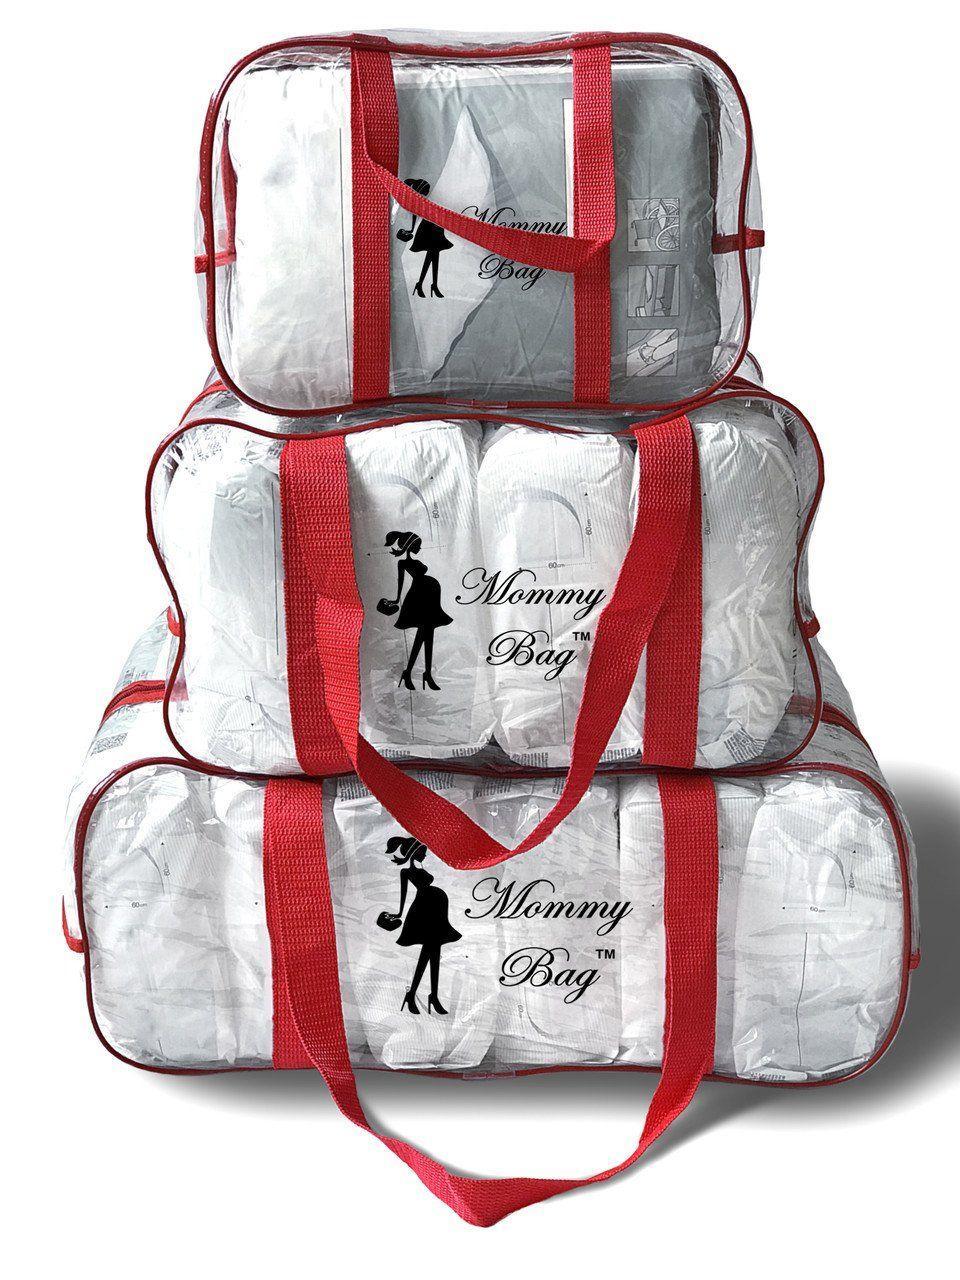 Набор из прозрачных сумок в роддом Mommy Bag, размеры - S, M, L, цвет - Красный